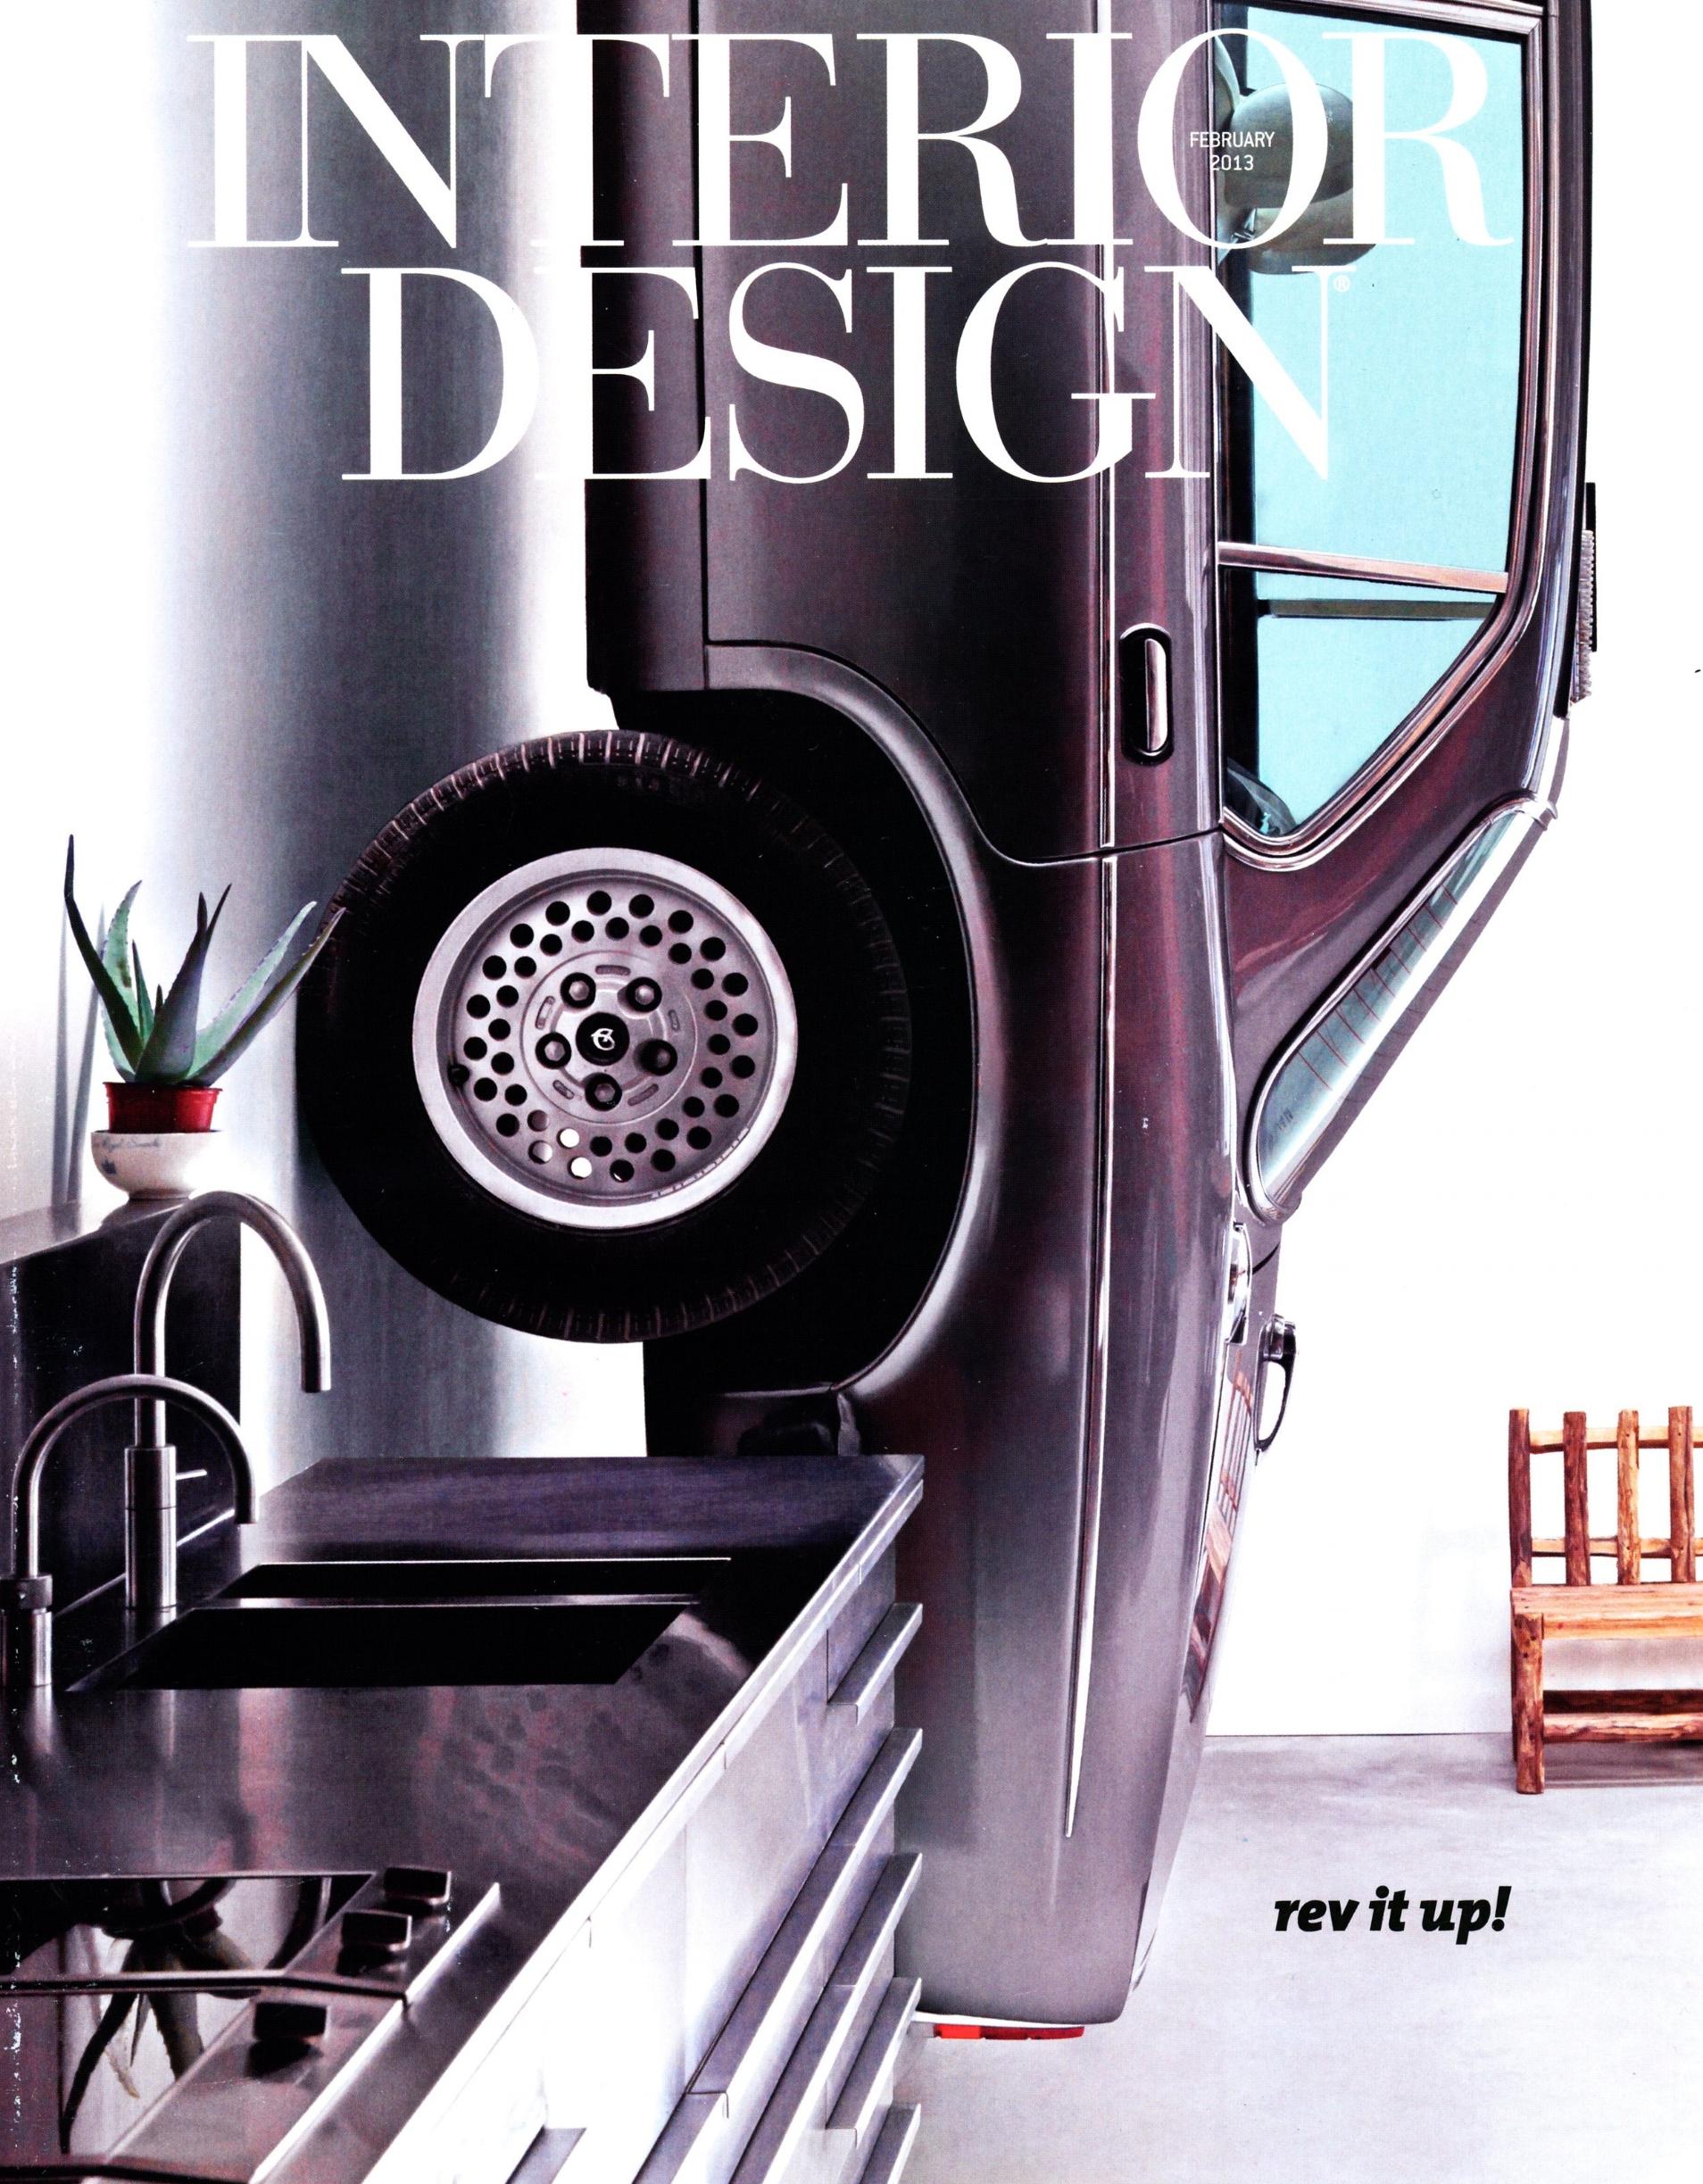 Interior Design, 2013